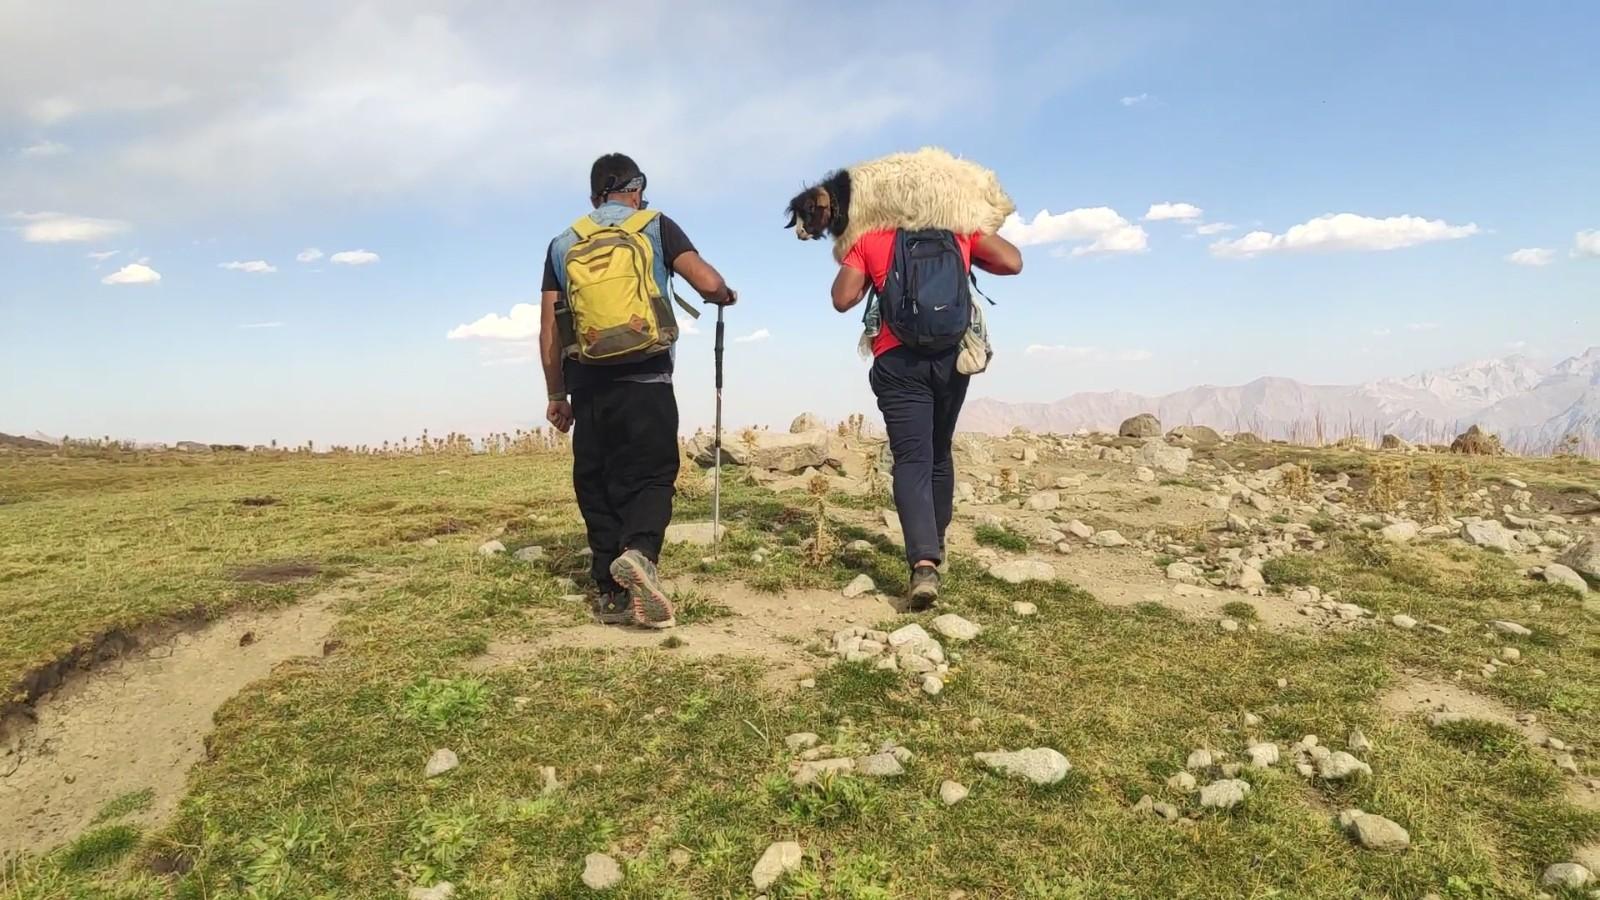 Yüksekovalı dağcılar, dağda buldukları oğlağı sırtlarında taşıyıp sahibine teslim ettiler #hakkari